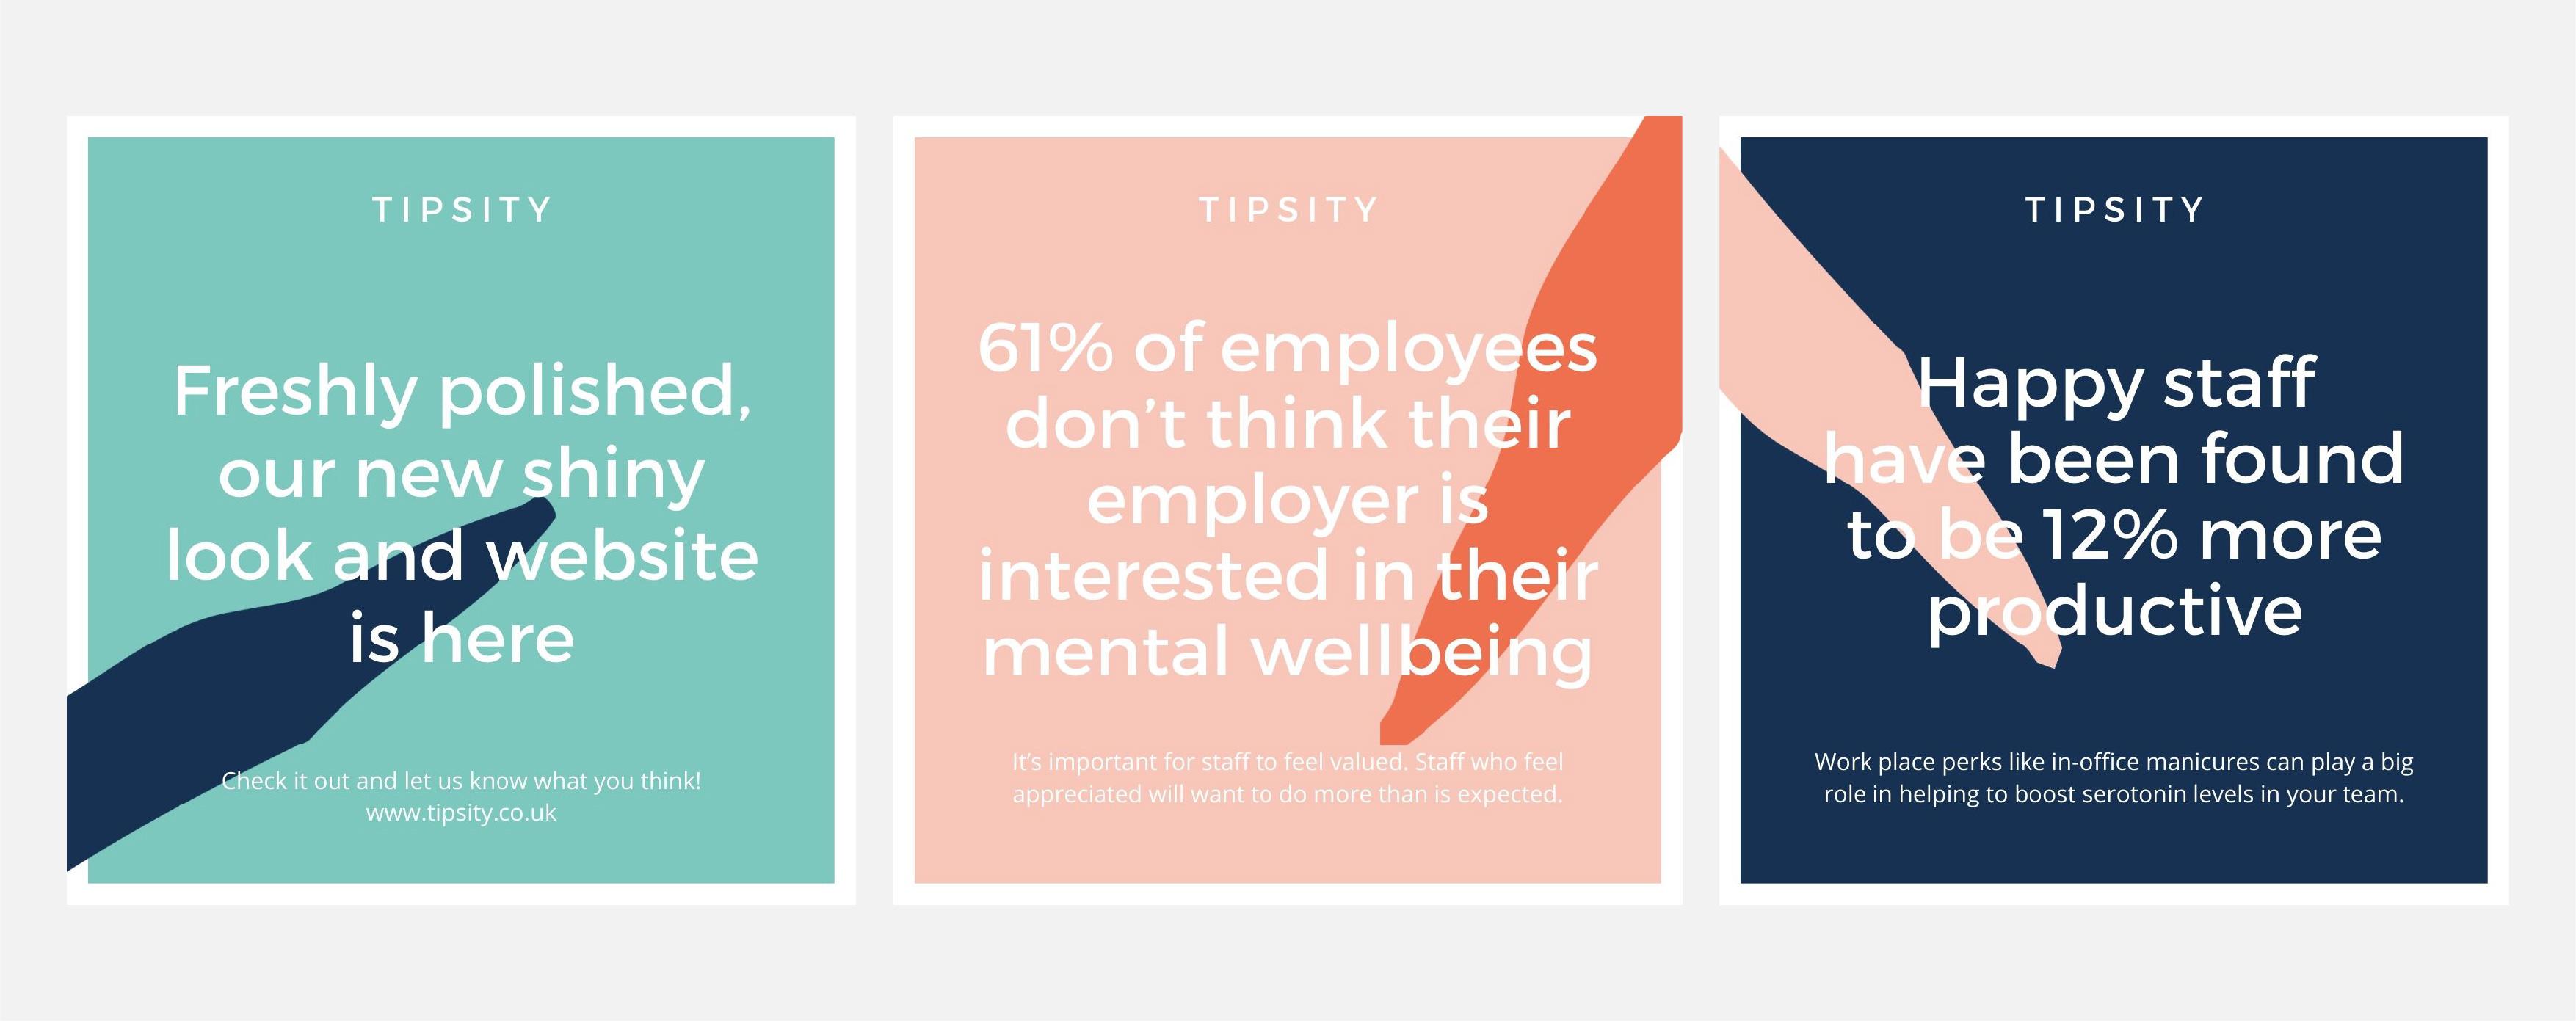 stop tipsity website design 5